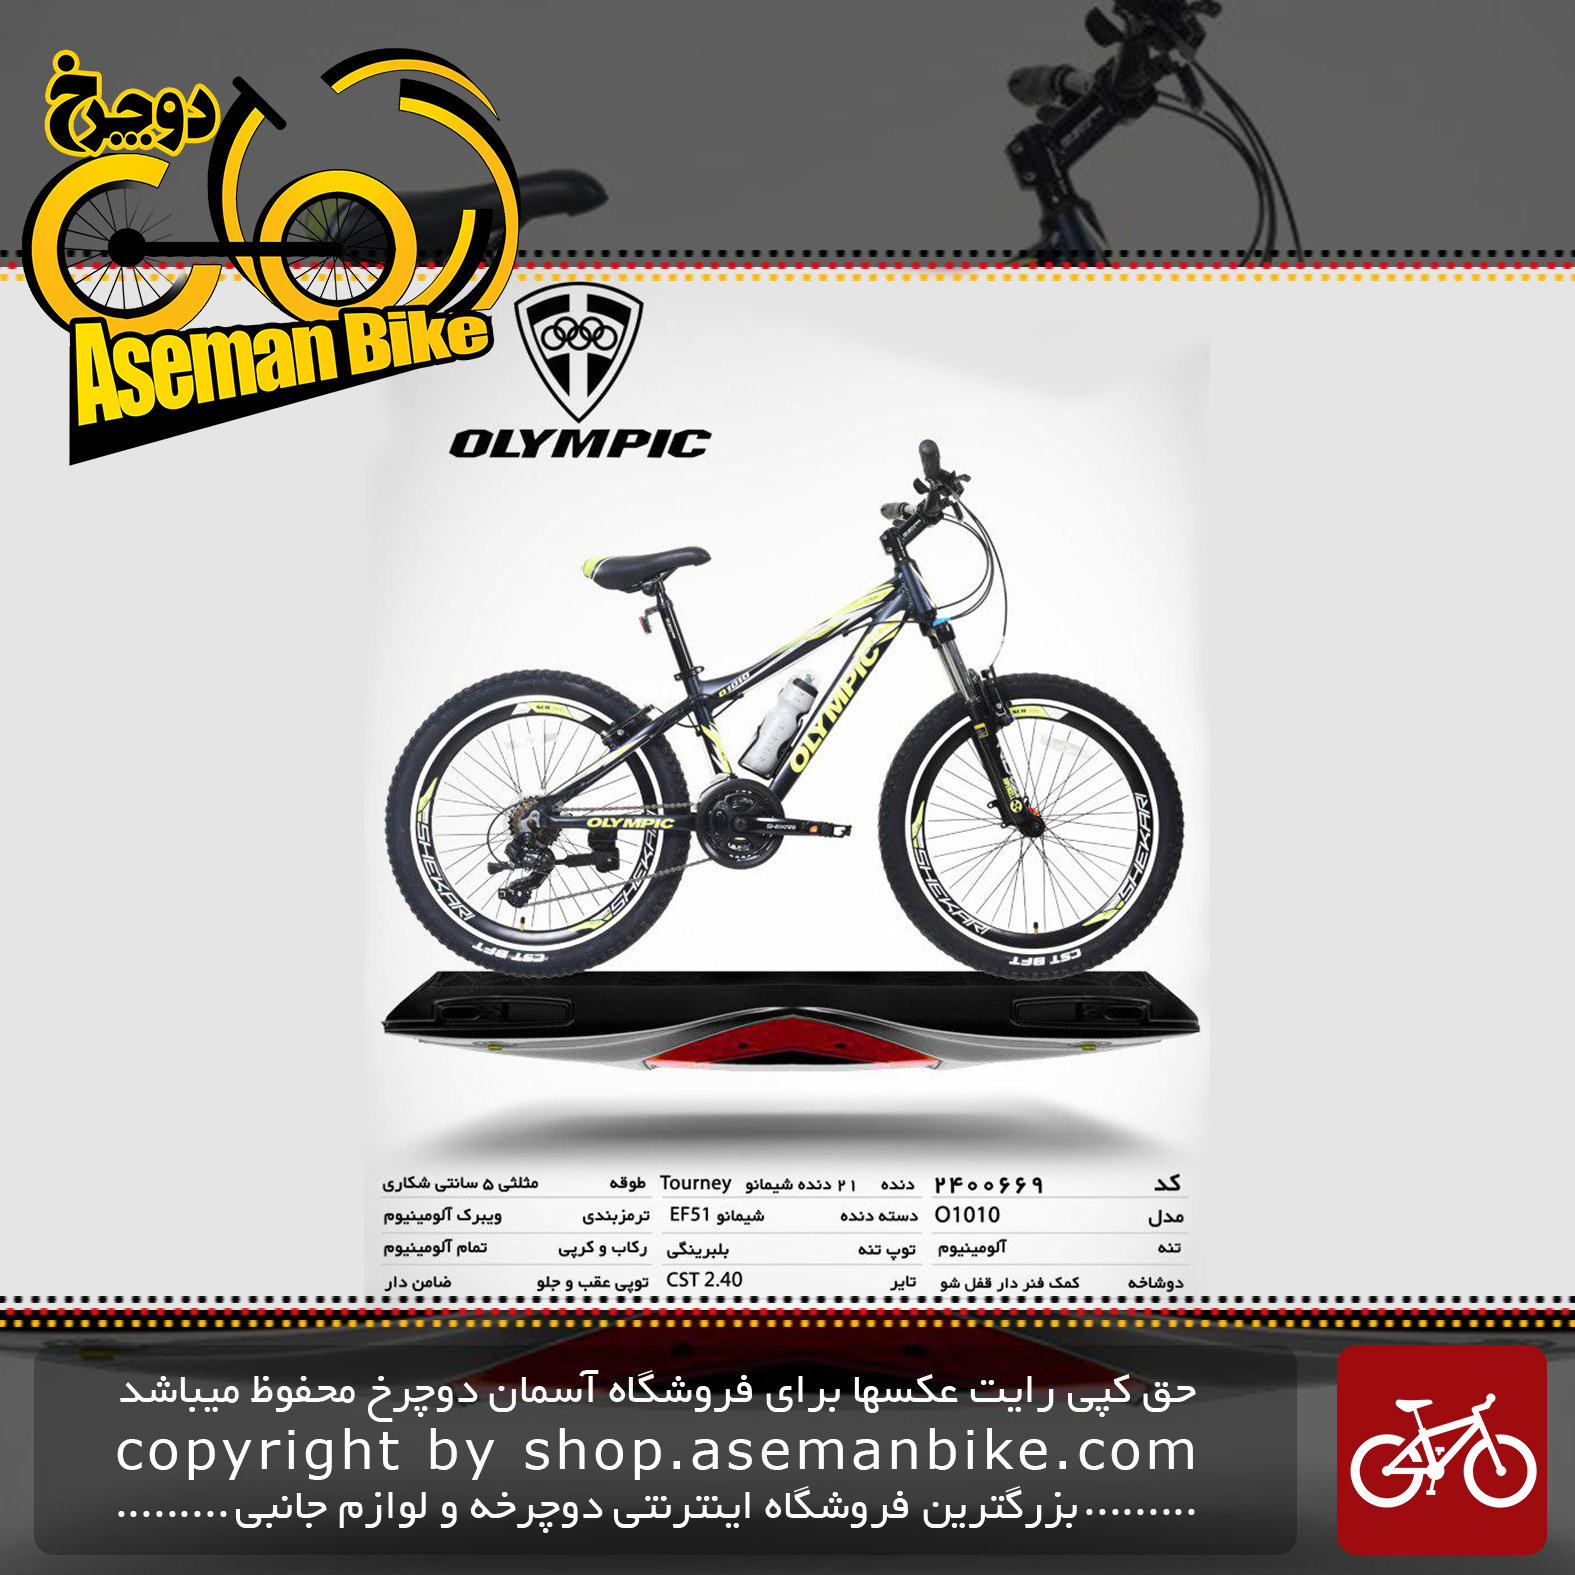 دوچرخه کوهستان شهری اوکی 21 دنده مدل او 1010 21 دنده سایز 26 ساخت تایوان OK Mountain City Bicycle Taiwan O1010 Size 26 2019